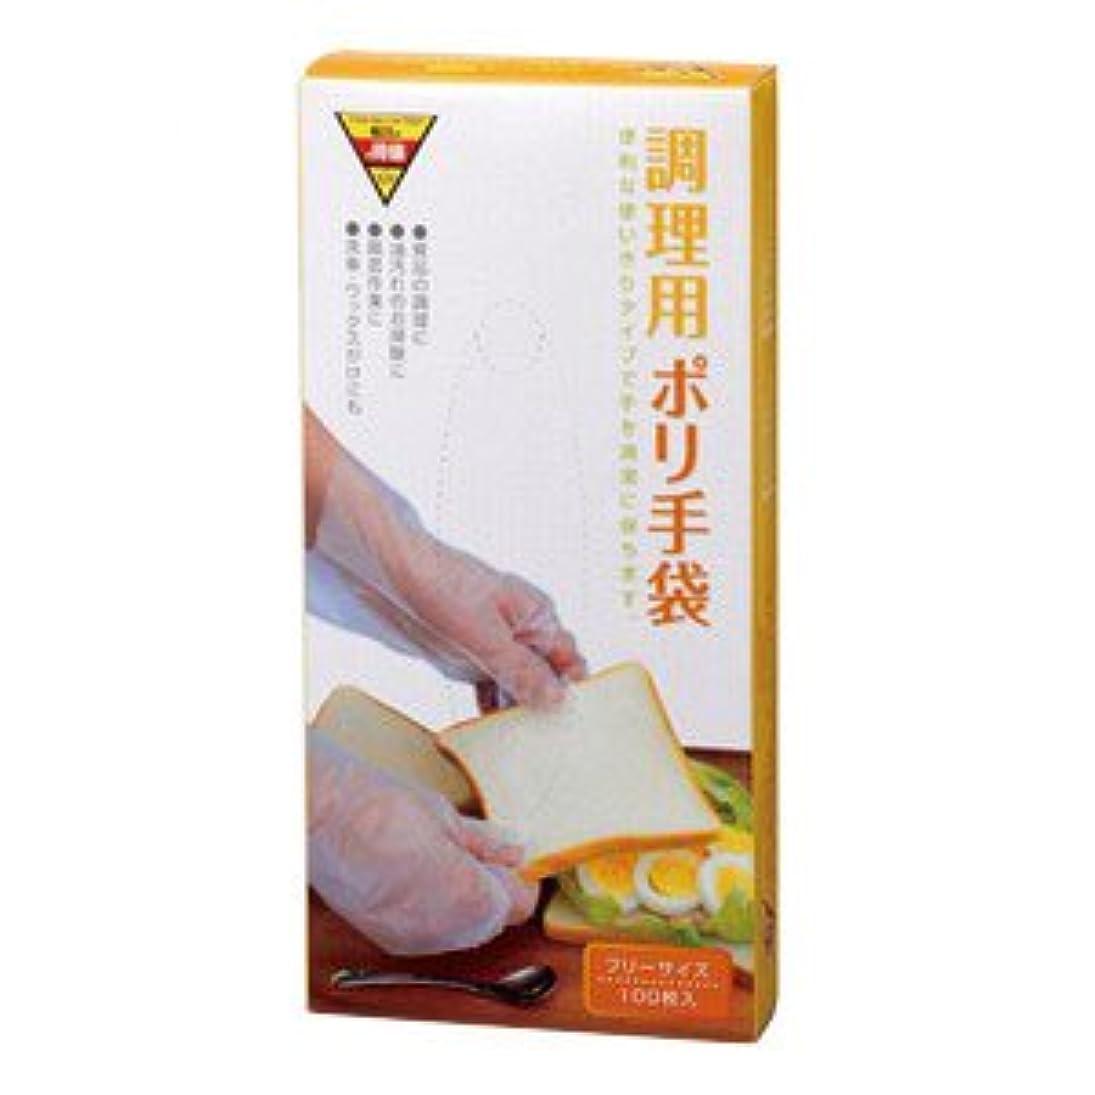 ダッシュシェア罪コーナンオリジナル 調理用ポリ手袋 100枚入 KHD05-7123